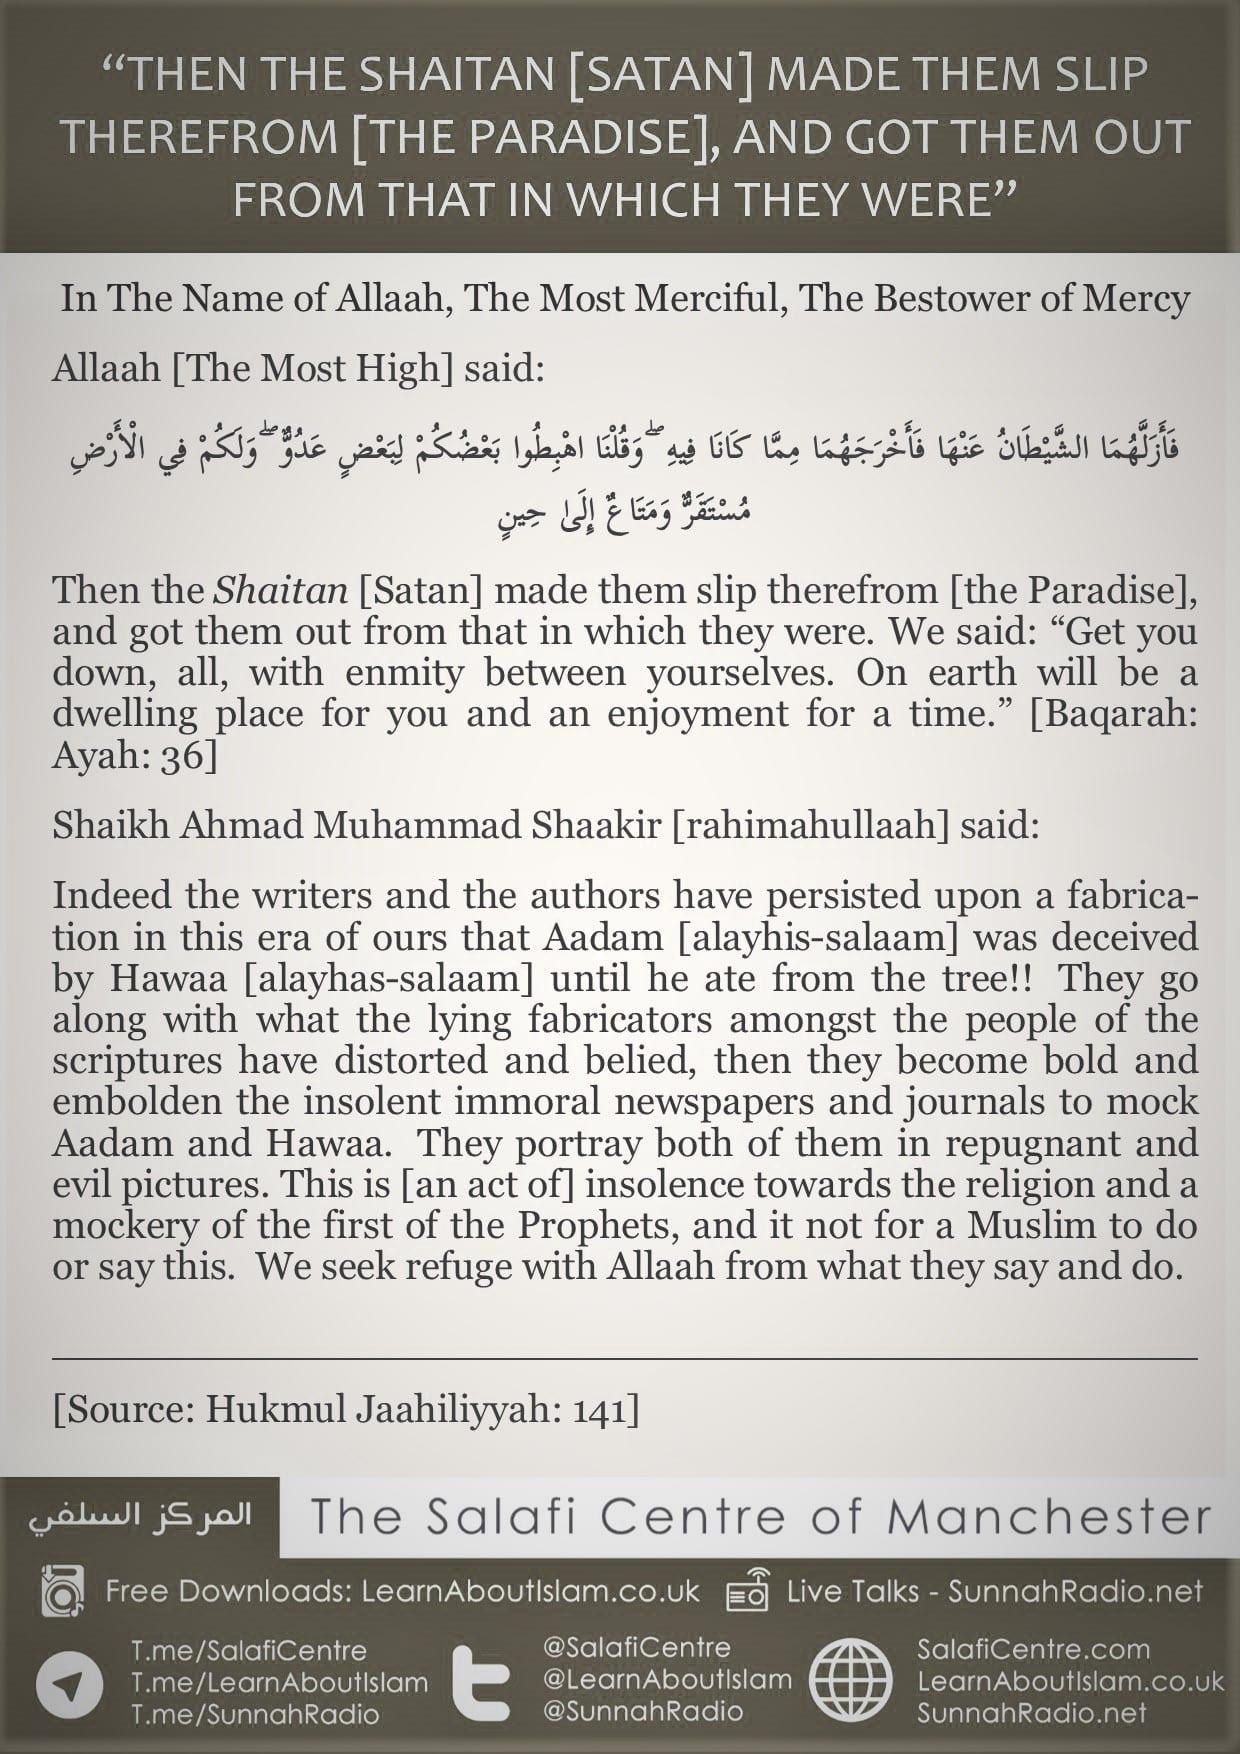 Rebuttal Of A Fabrication & Mocking of Aadam (alayhisalaam) and Hawwa – Shaikh Ahmad Muhammad Shaakir